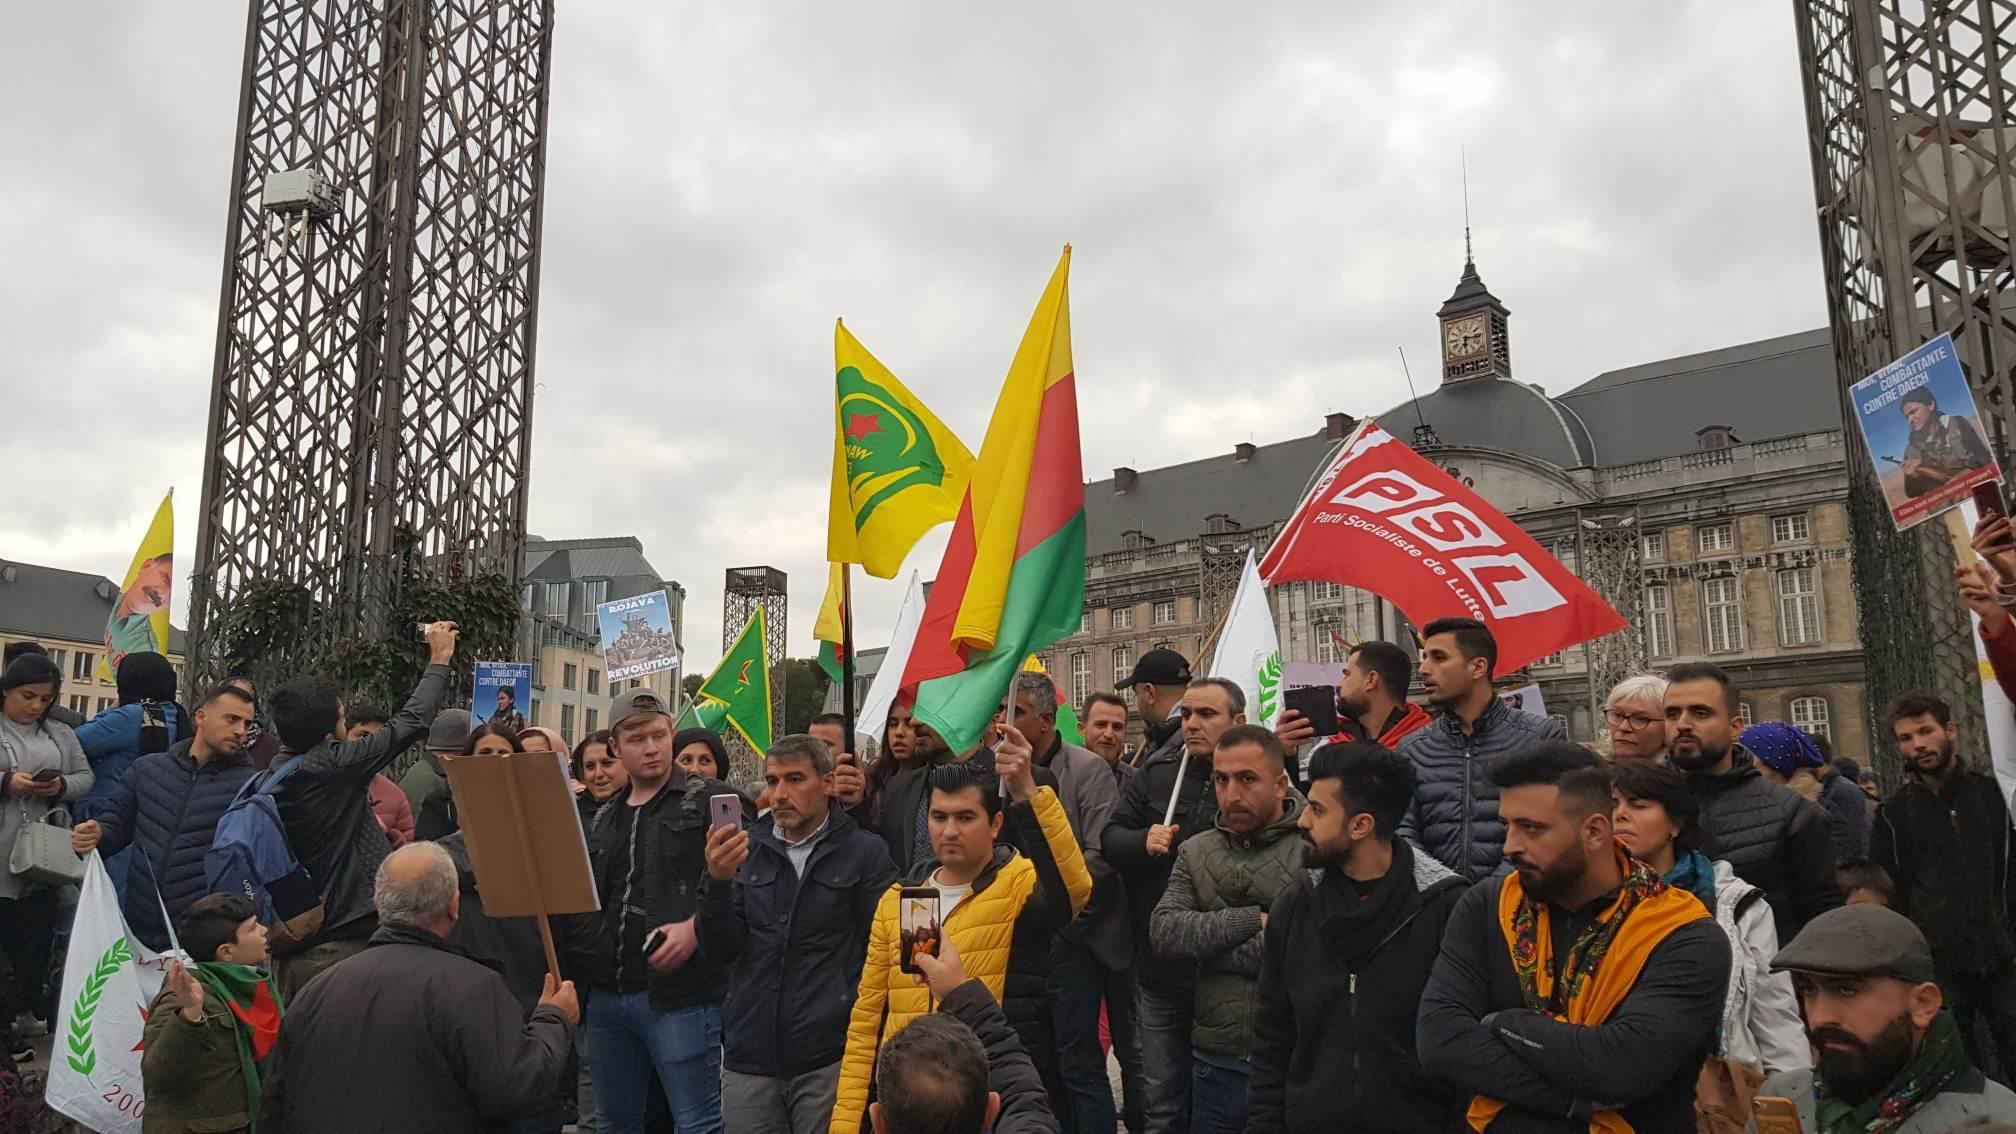 Bruxelles & Liège : Rassemblements de solidarité avec le Rojava